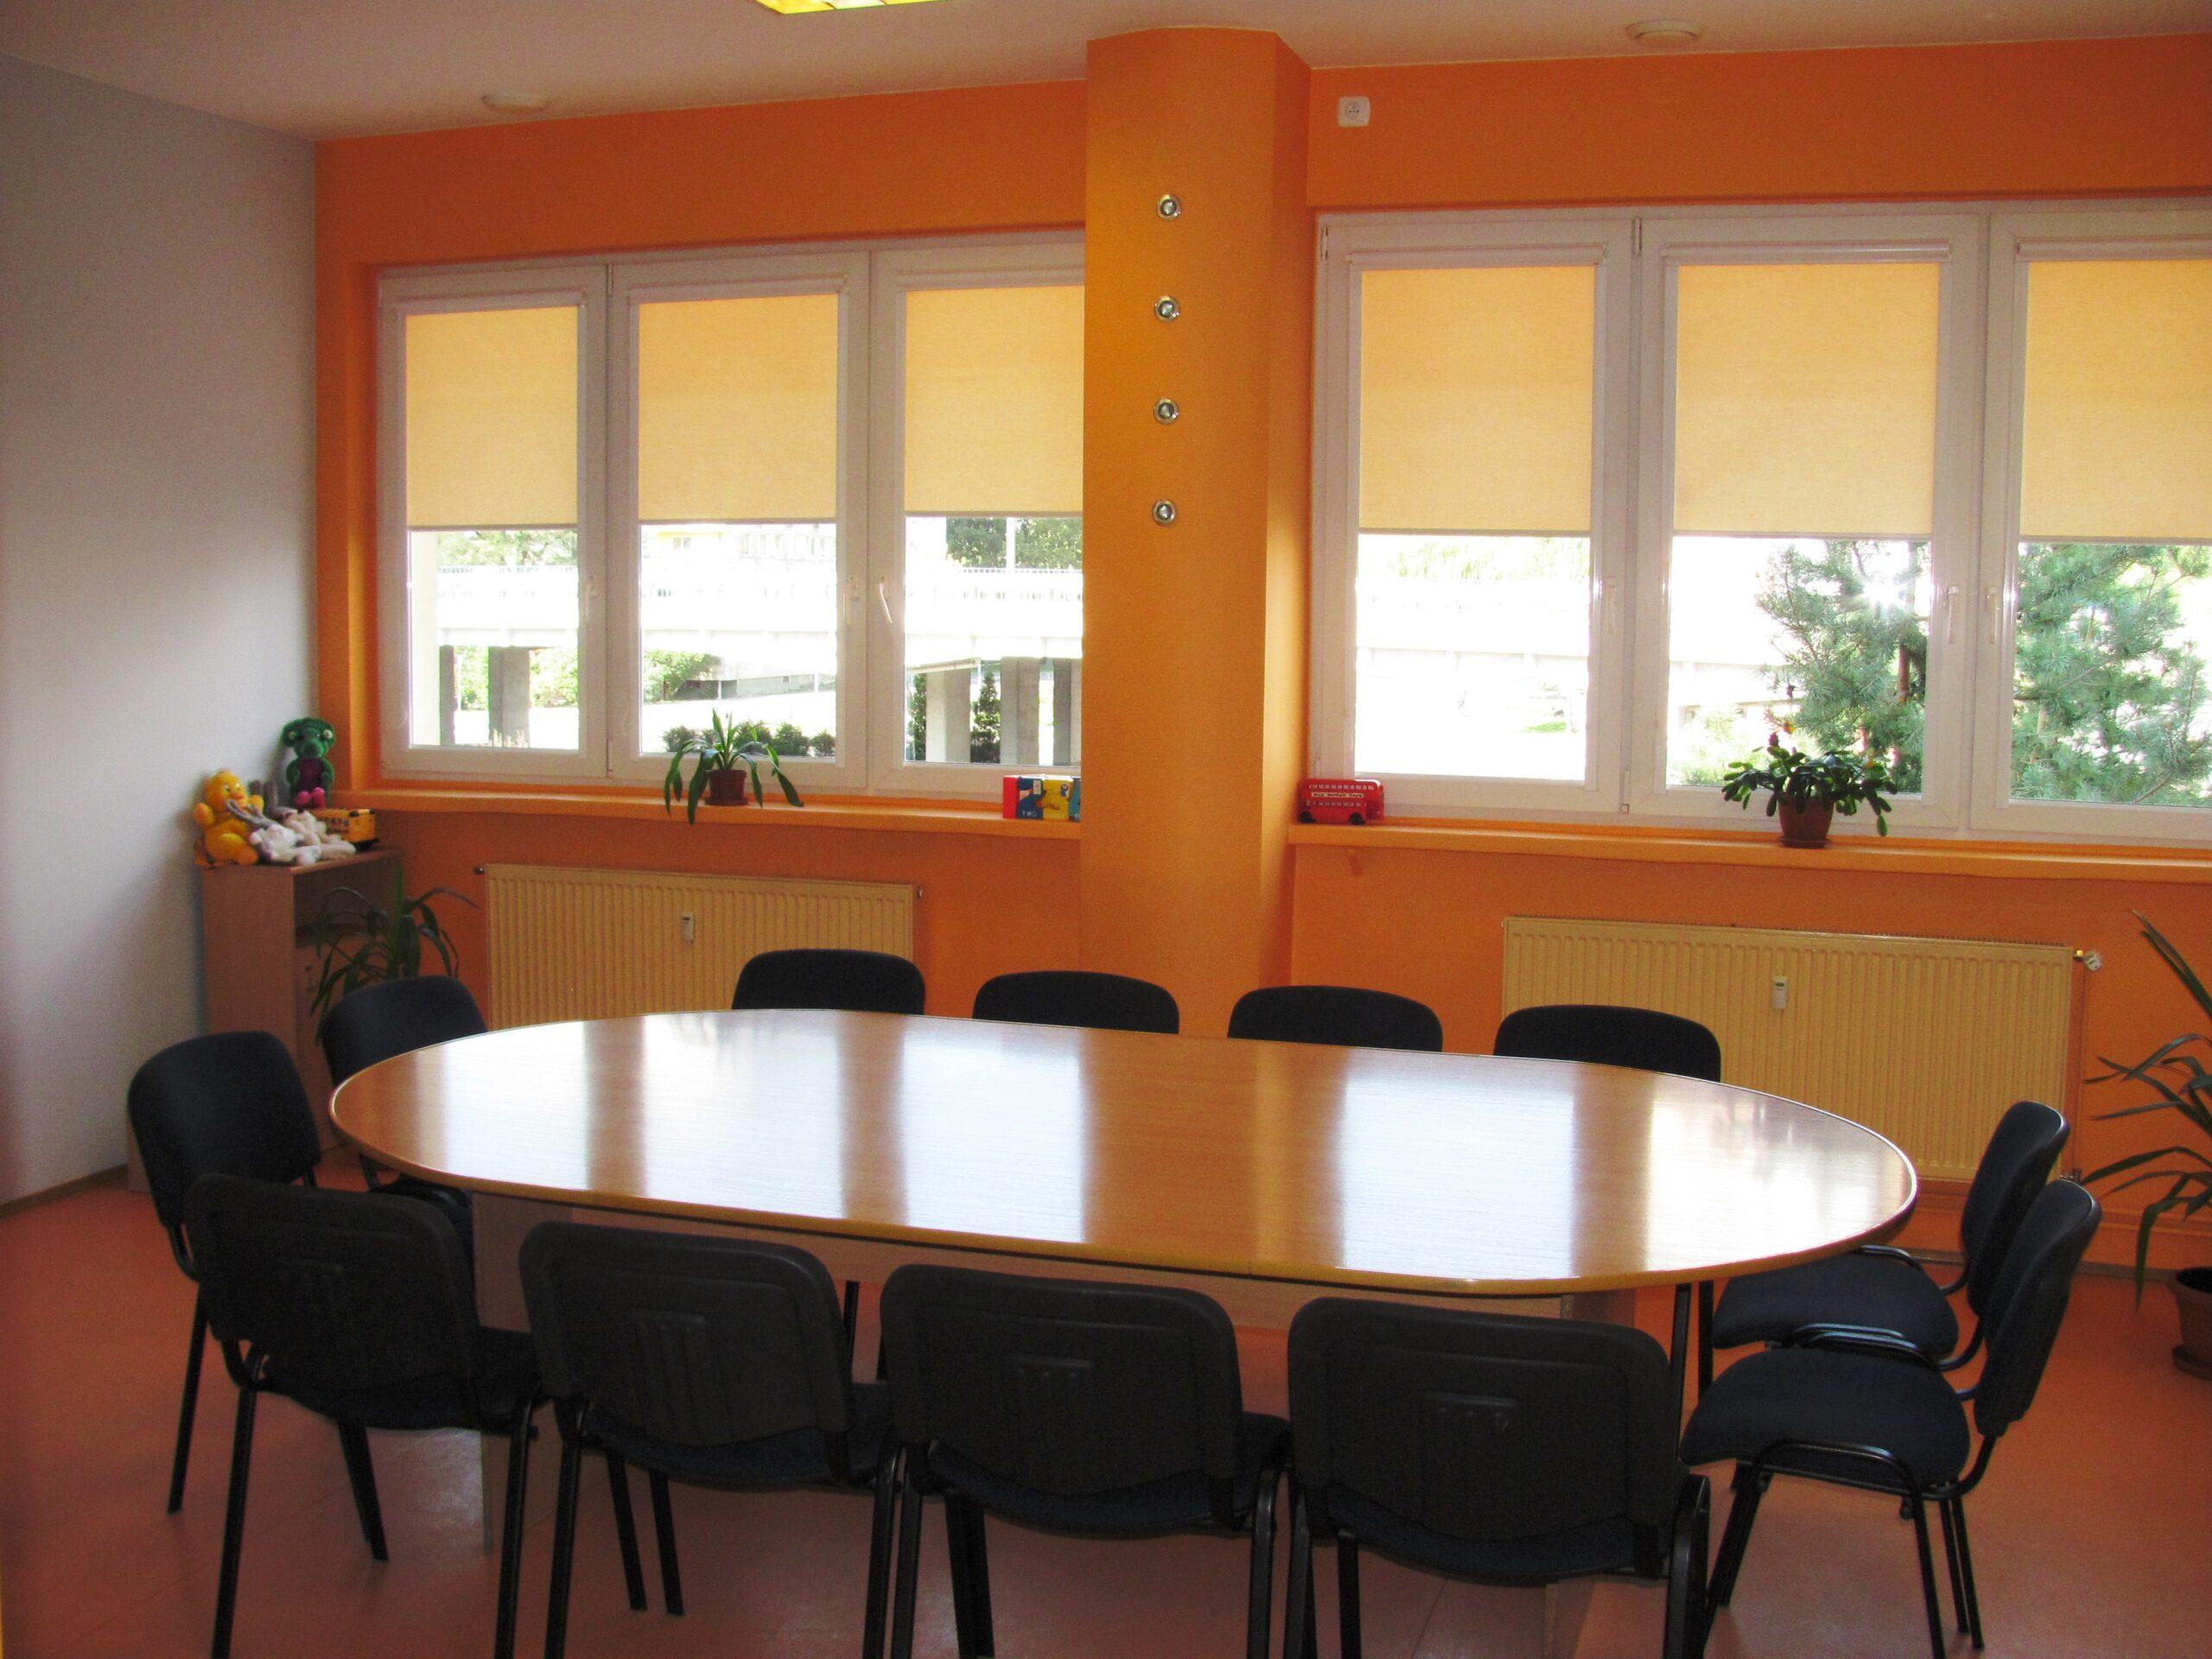 Szkoła językowa - sala wykładowa